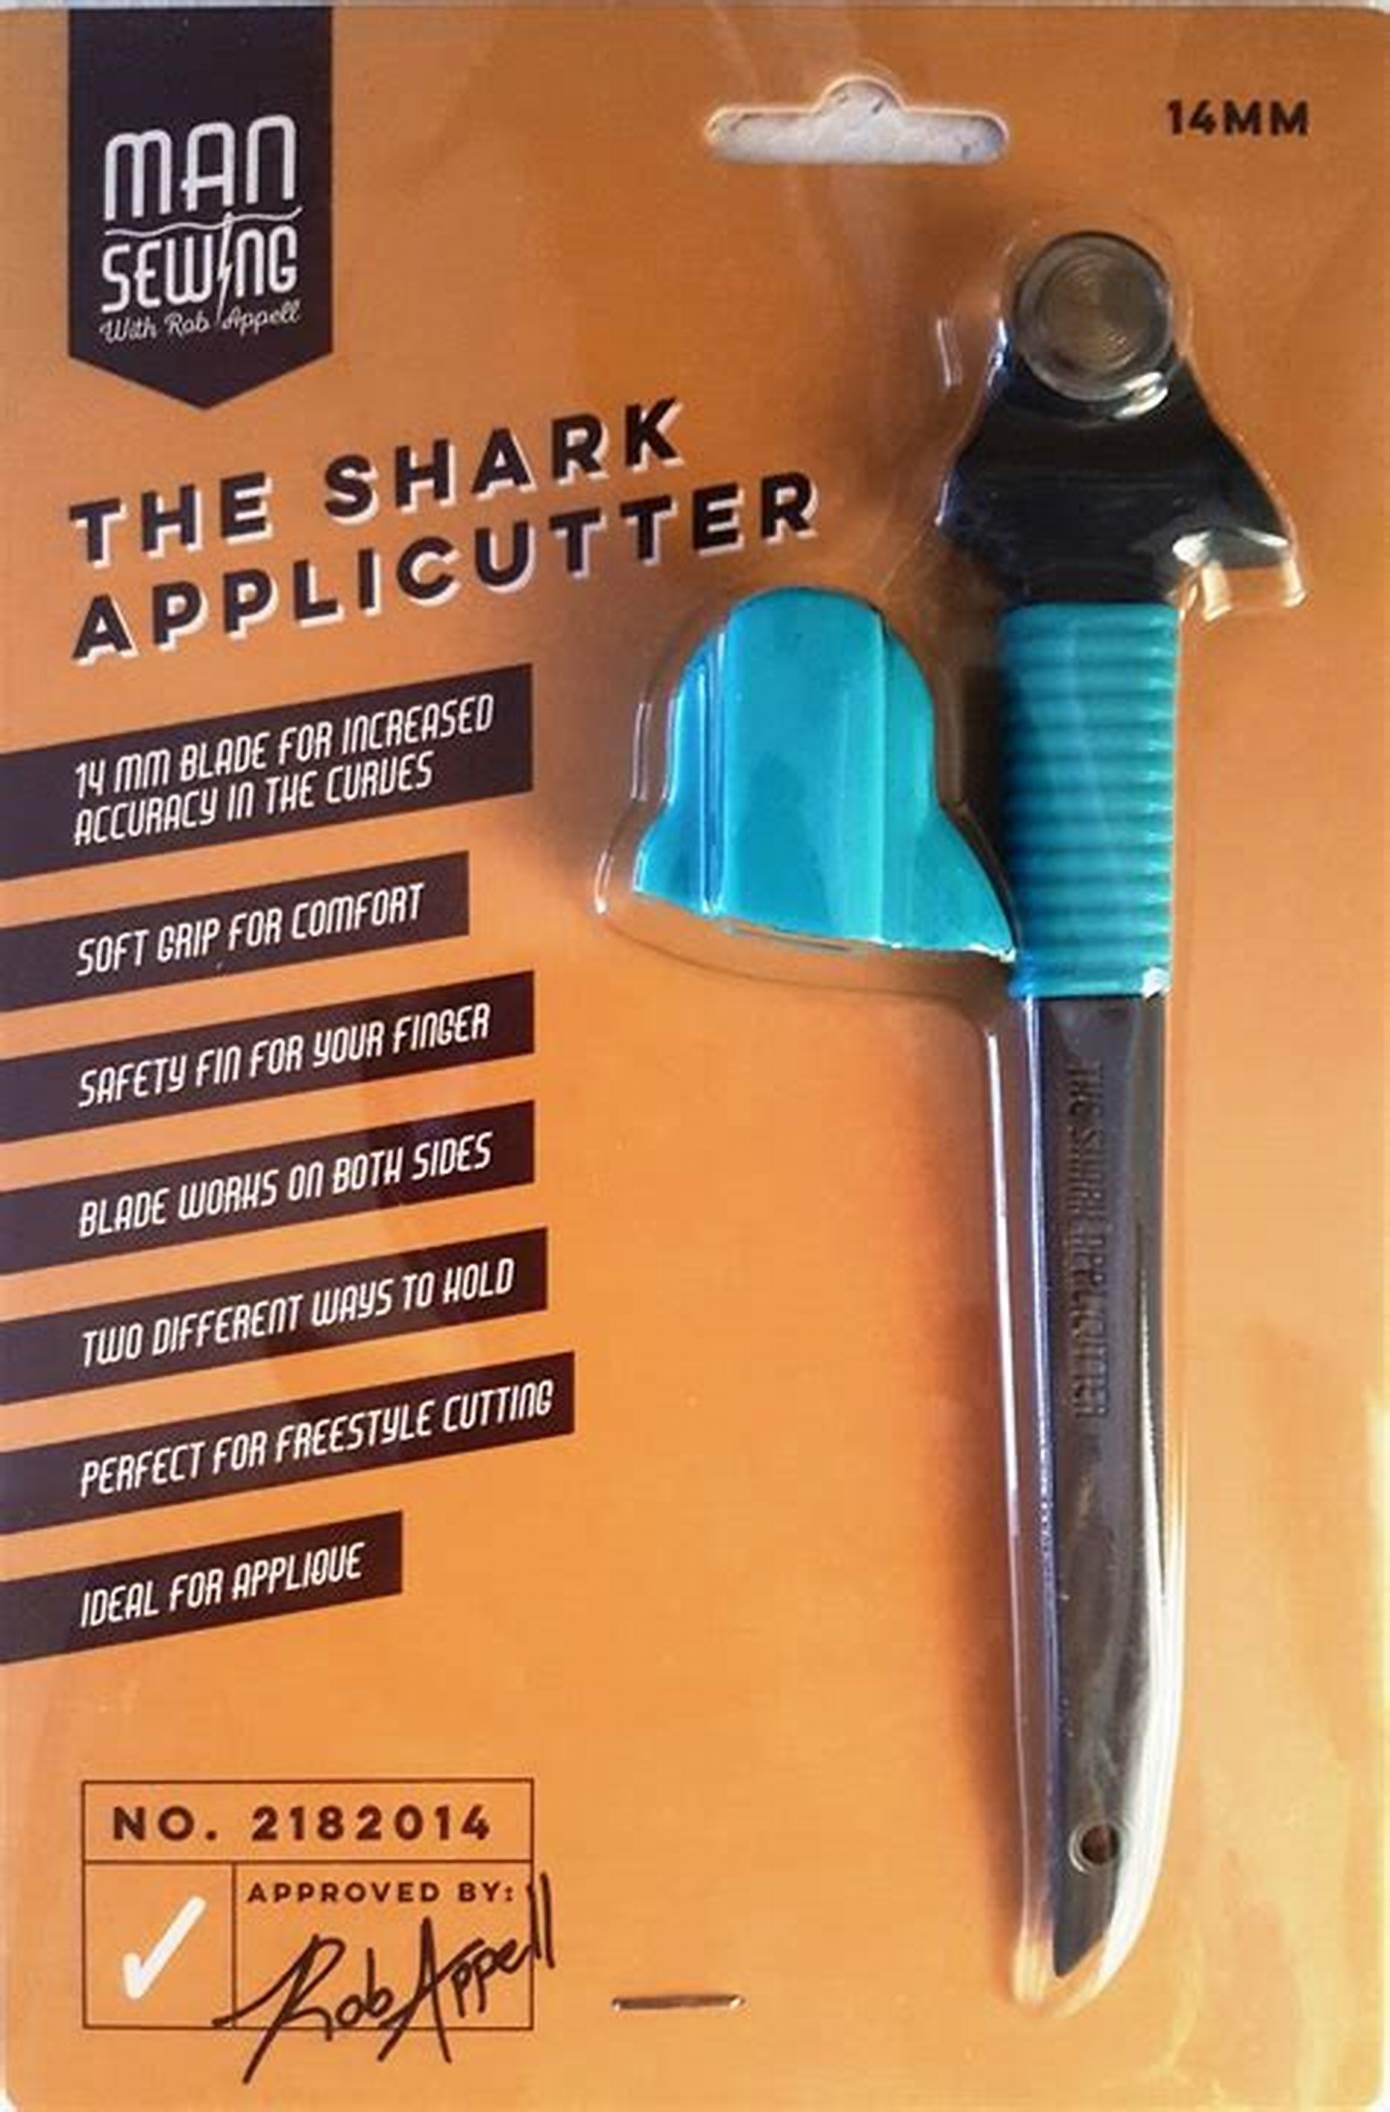 Man Sewing Shark Applicutter Rotary Cutter